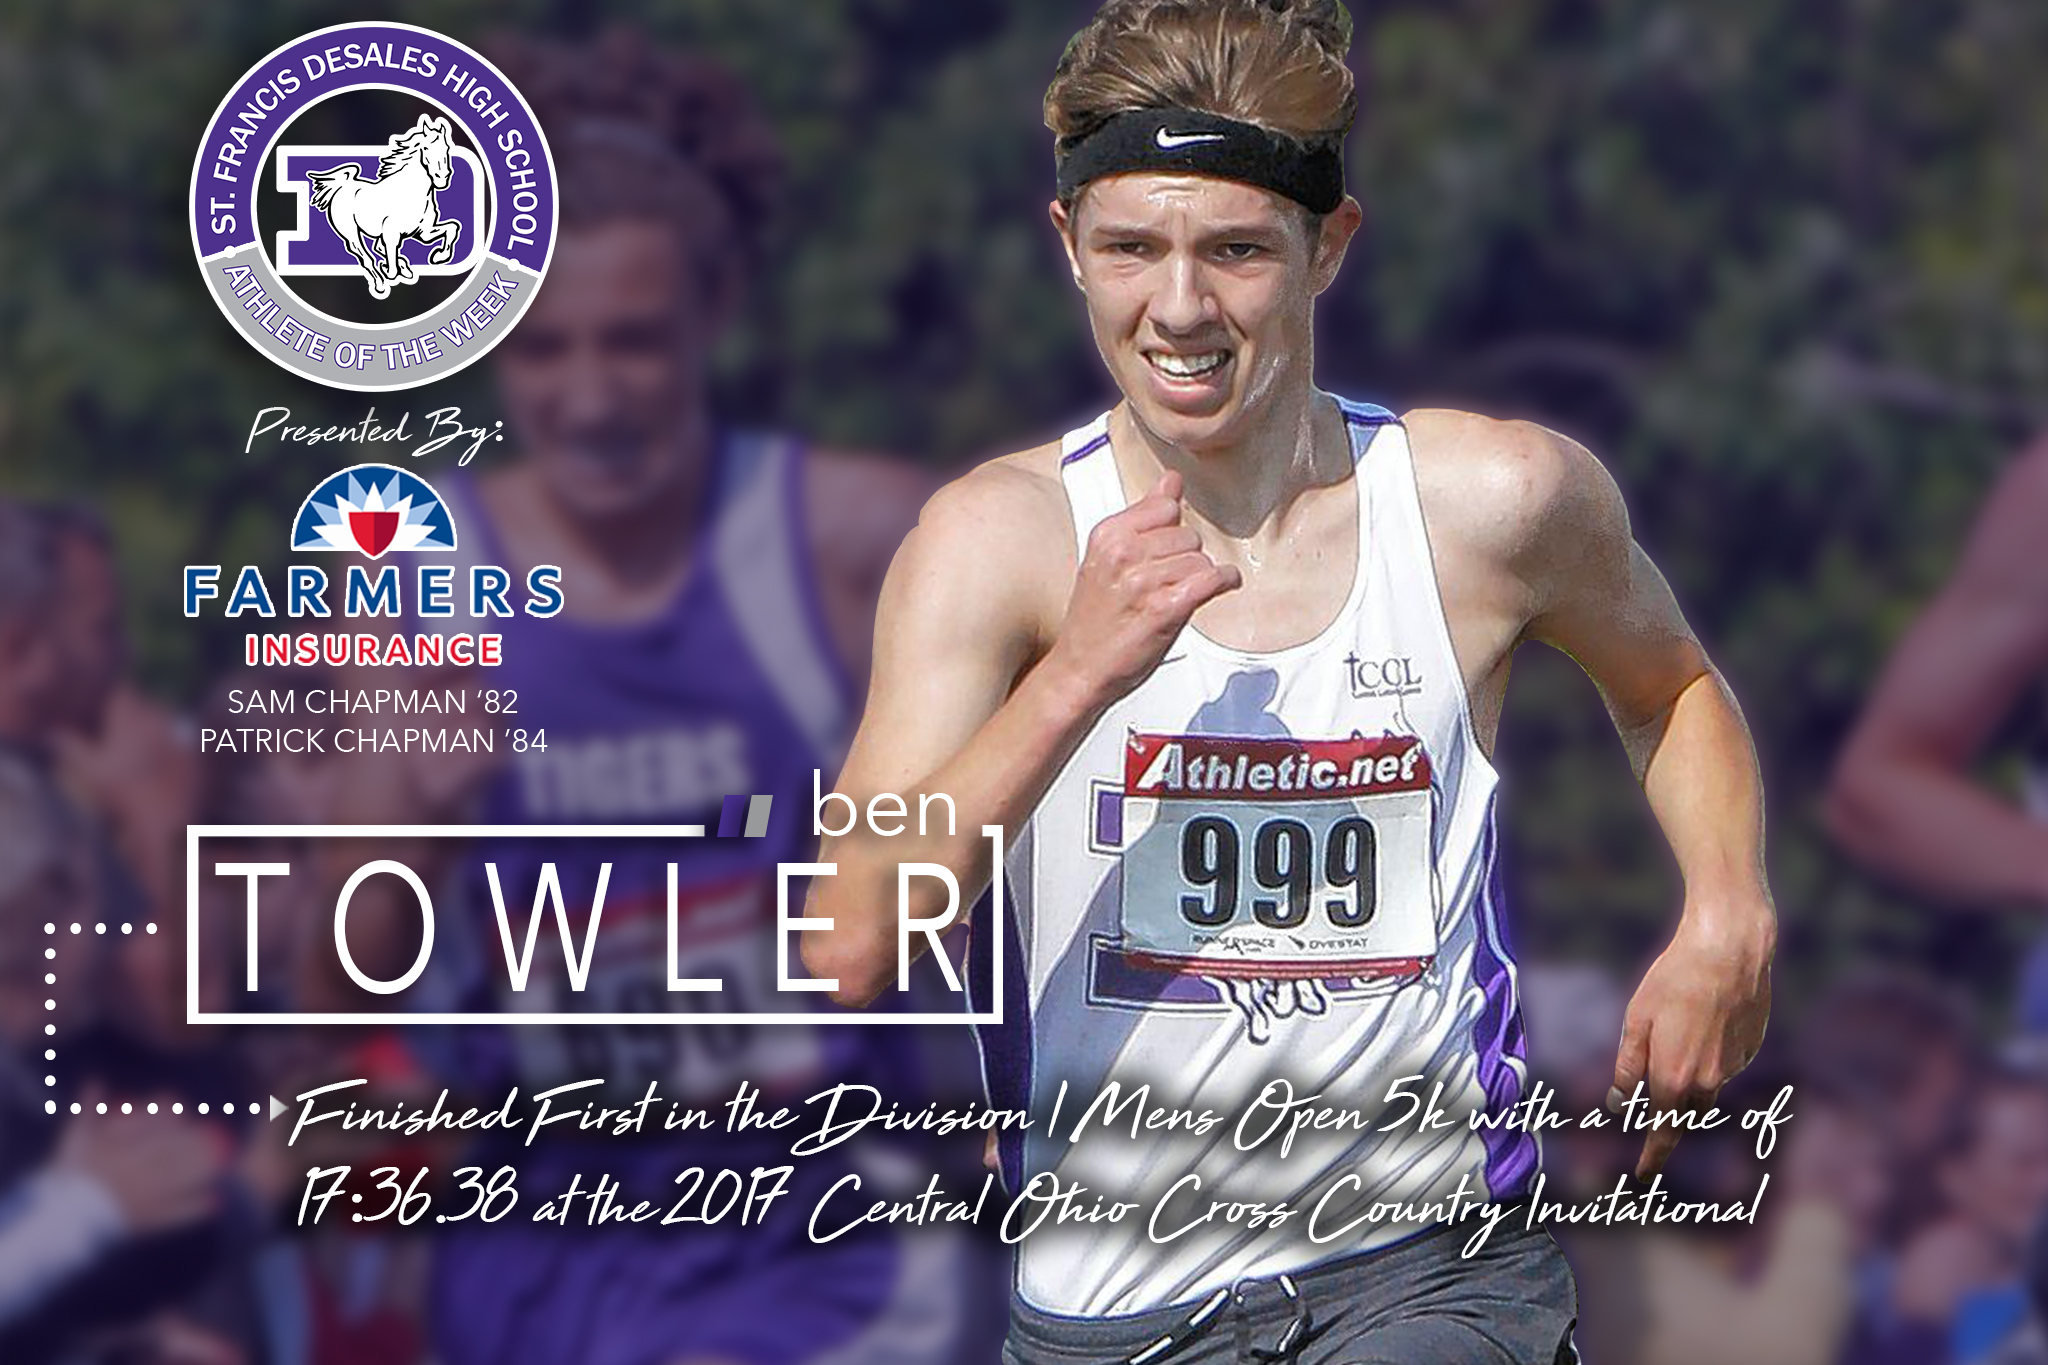 Athlete of the Week - Towler.jpg